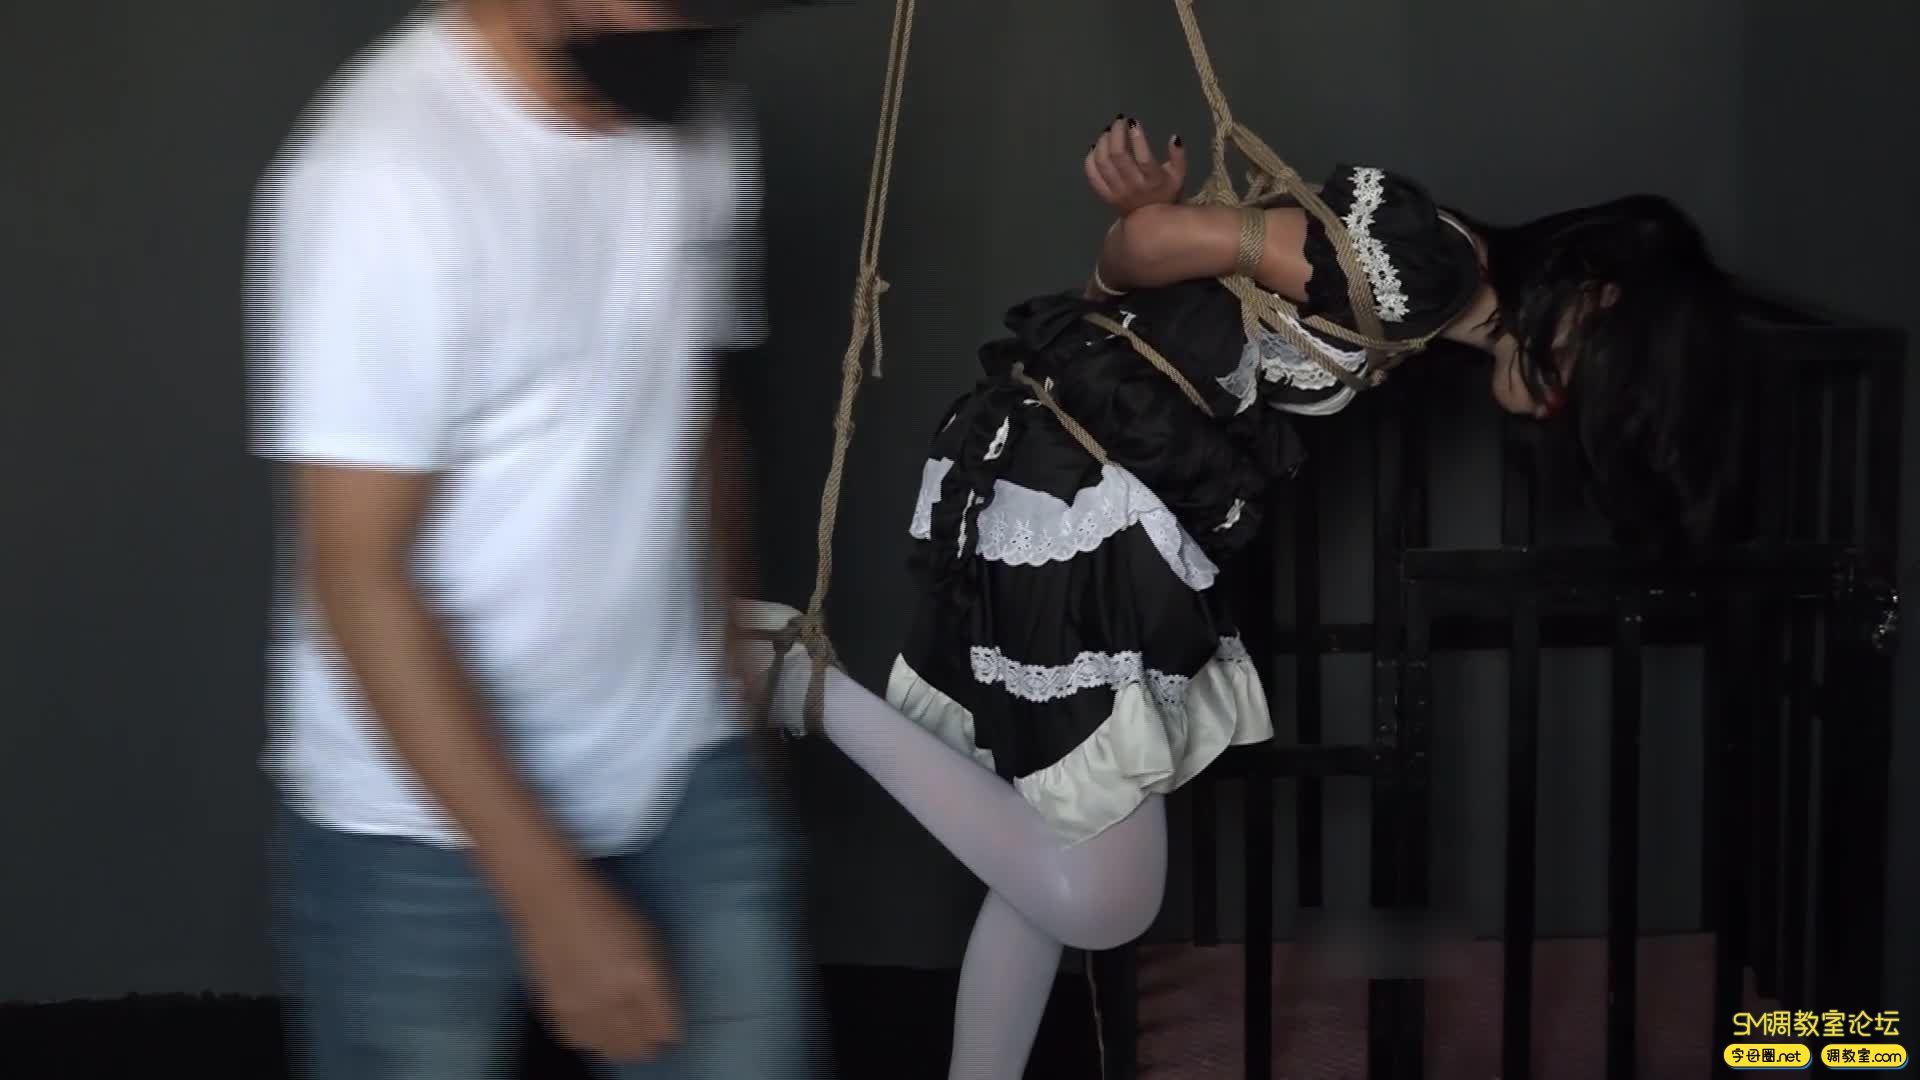 网友原创_女仆装白丝 捆绑 吊缚鞭打 口球堵嘴 蒙眼-视频截图7